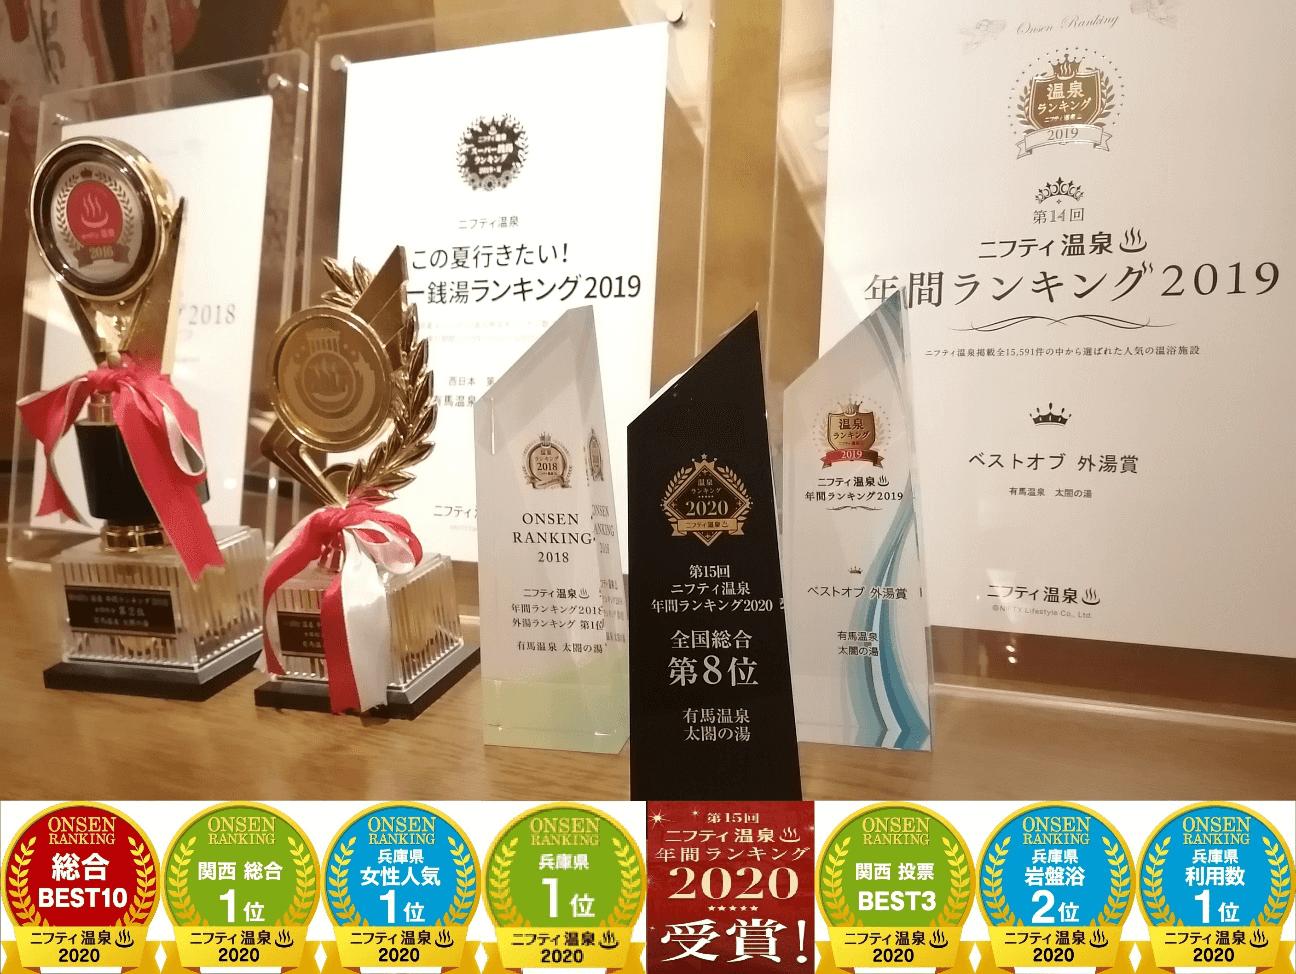 有馬温泉 太閤の湯は、第15回ニフティ温泉 年間ランキング(2020)で全国総合ランキング8位を受賞いたしました。